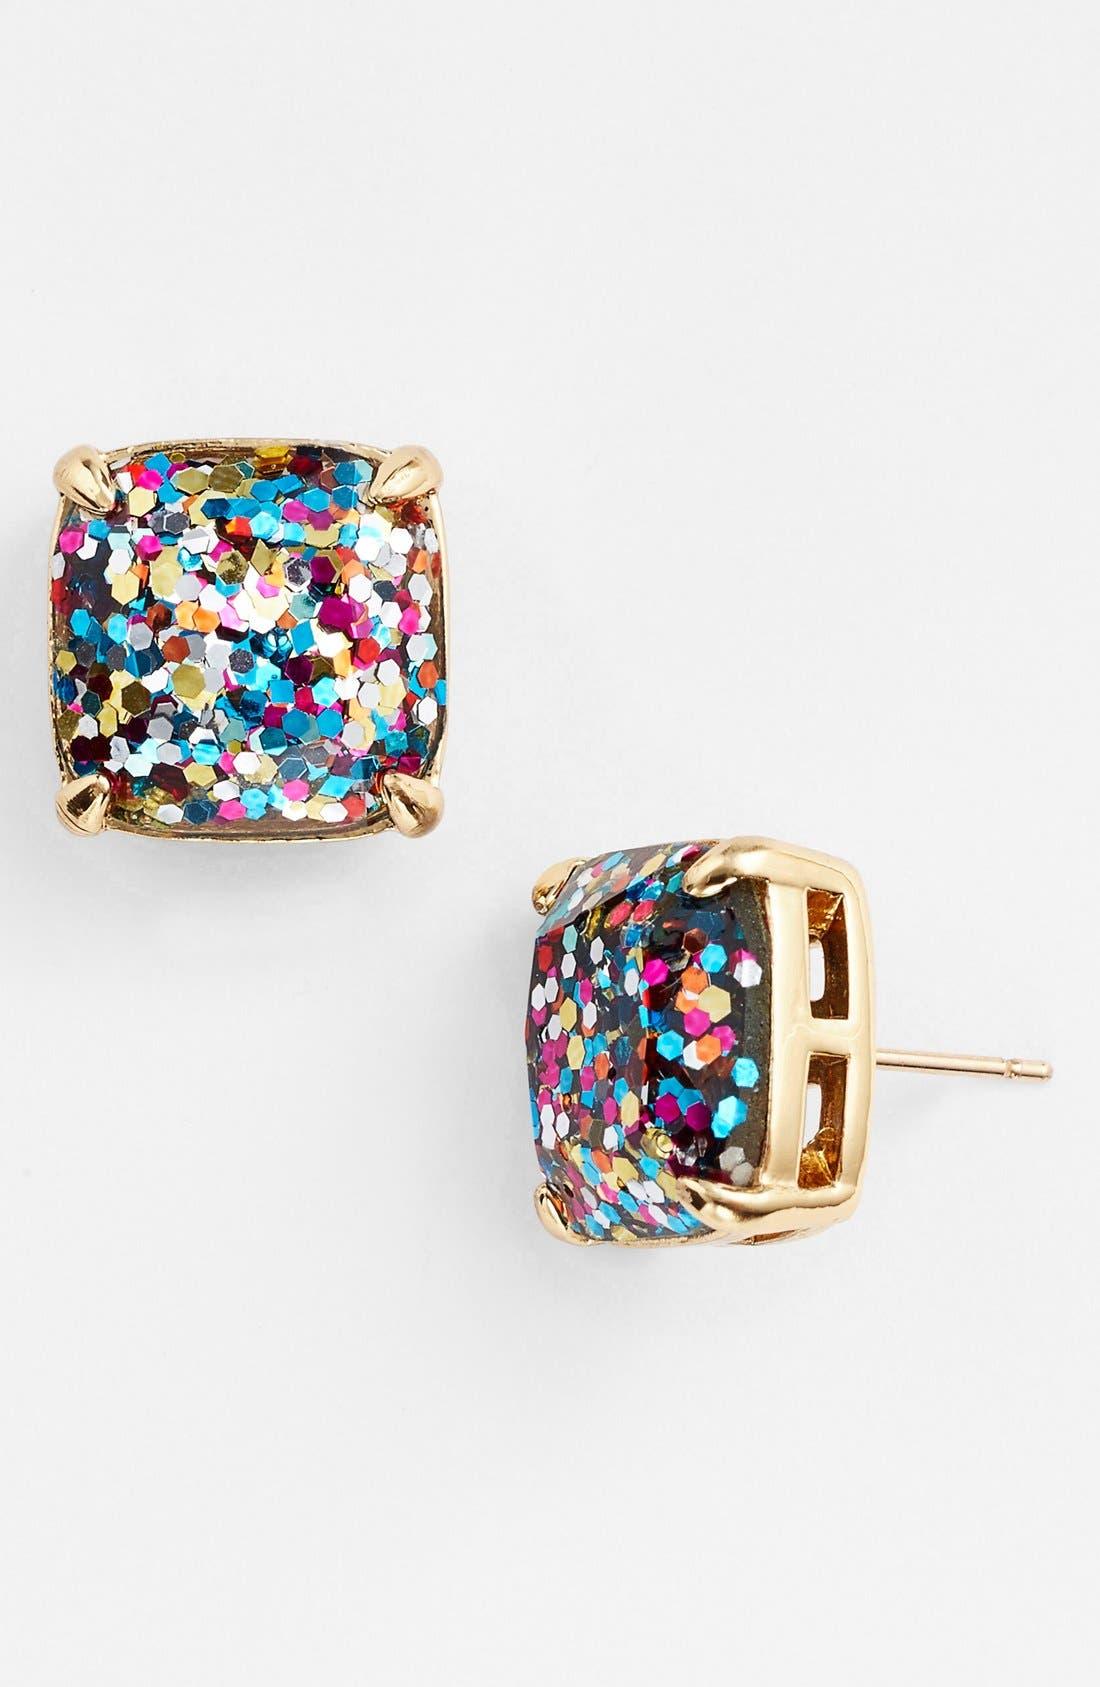 KATE SPADE NEW YORK,                             glitter stud earrings,                             Main thumbnail 1, color,                             MULTI GLITTER